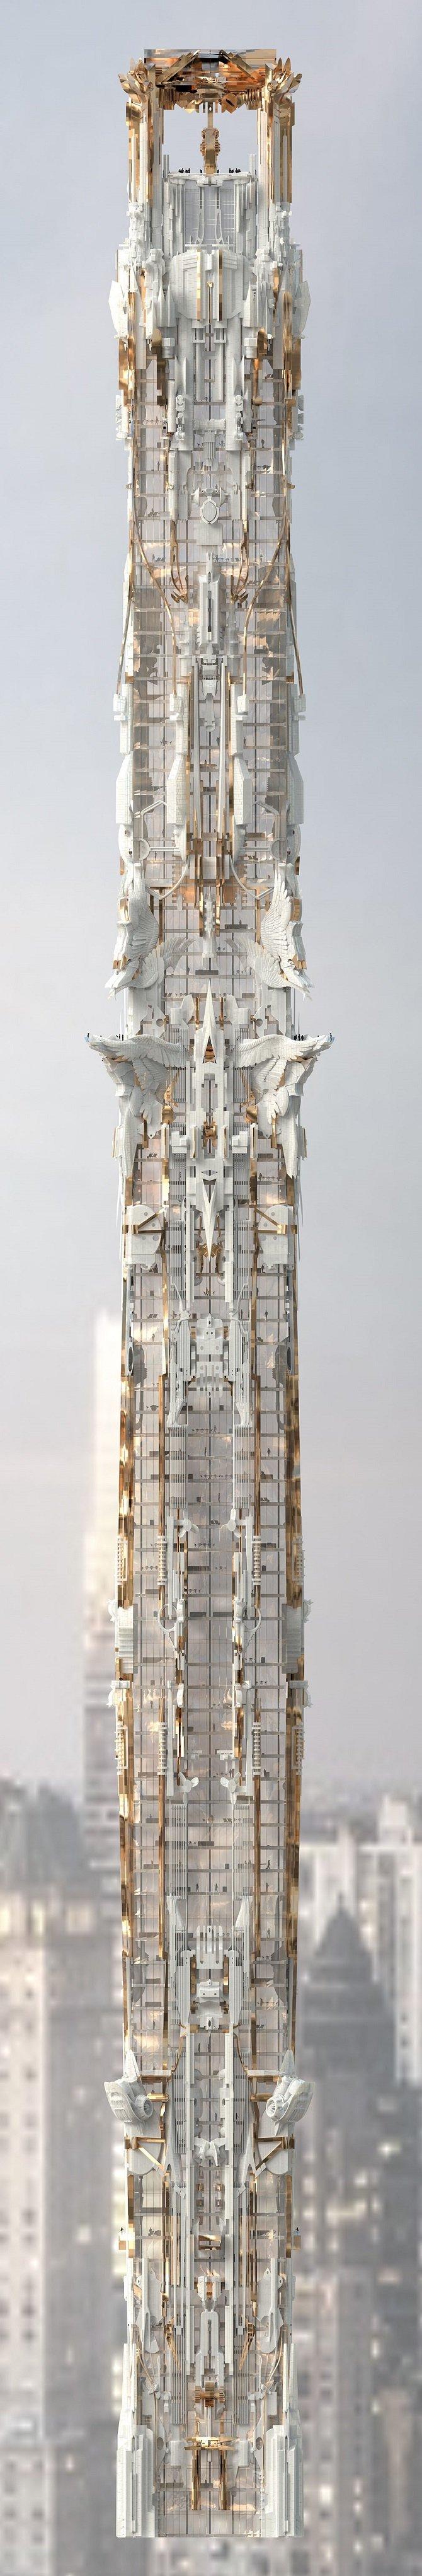 Проект фэнтези-небоскреба